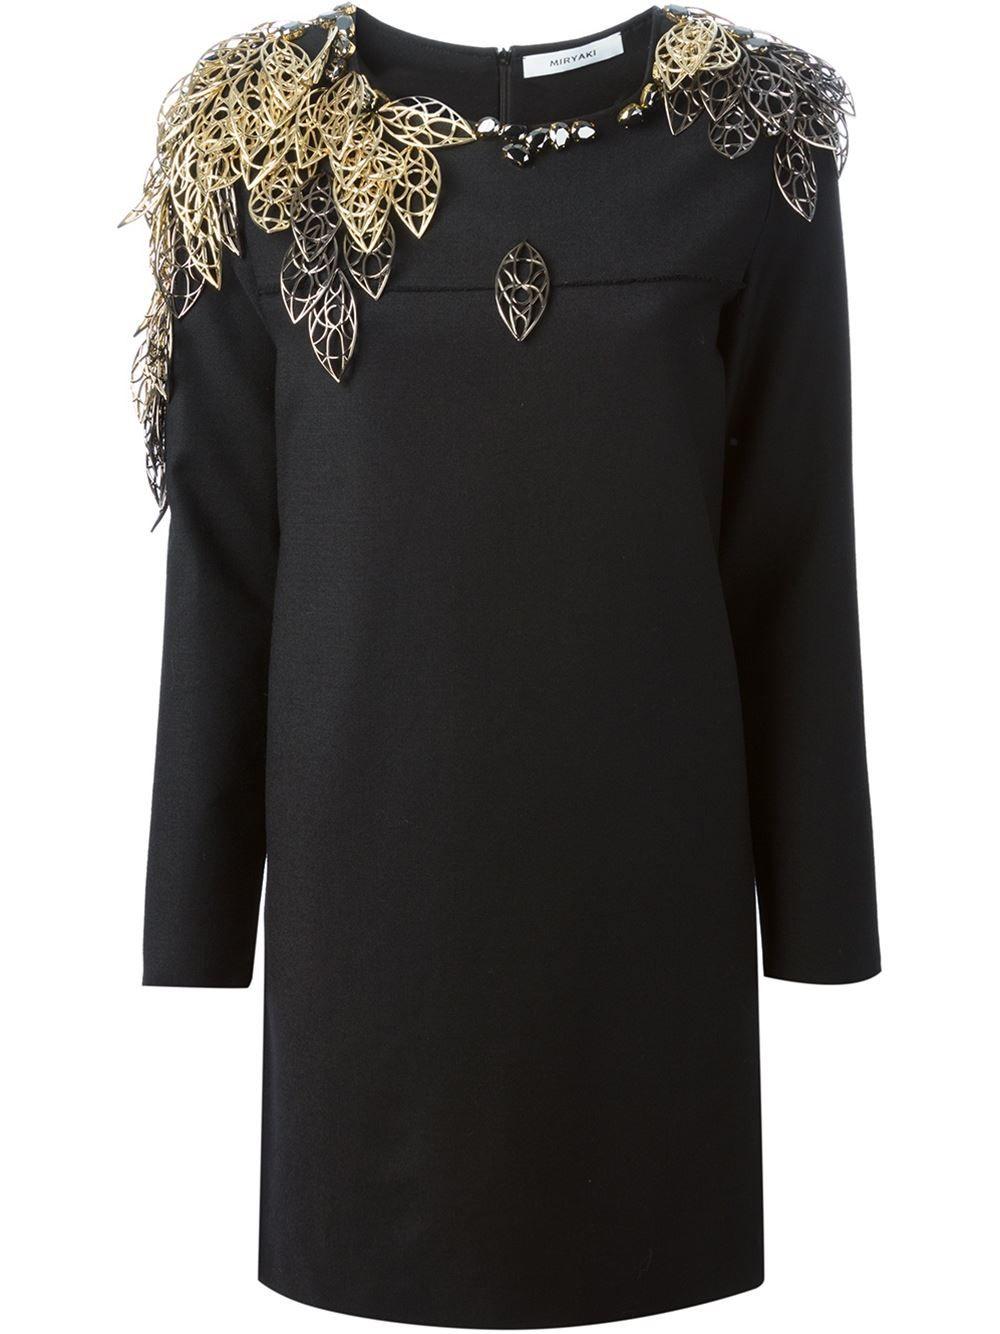 miryaki embellished shoulders loose fit dress - twist'n